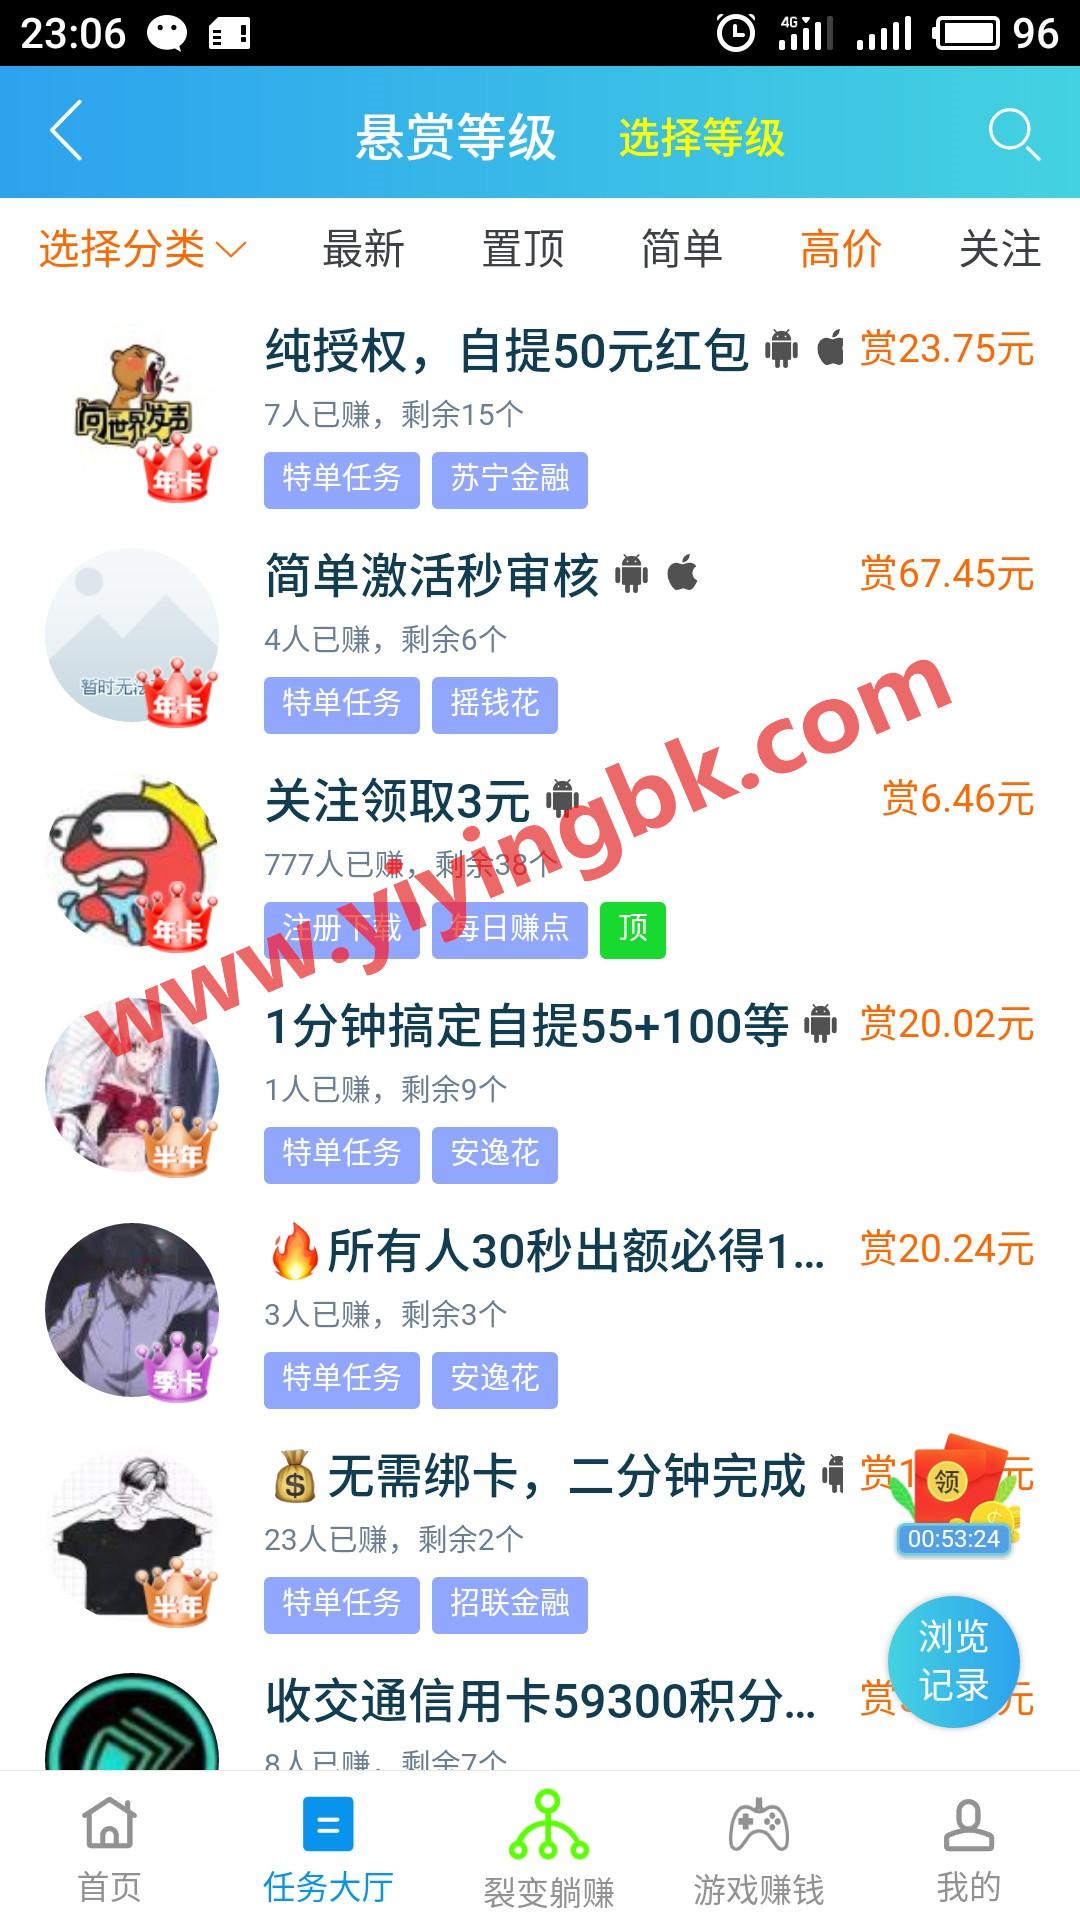 无限制手机免费赚钱任务大厅,微信和支付宝提现秒到账。www.yiyingbk.com